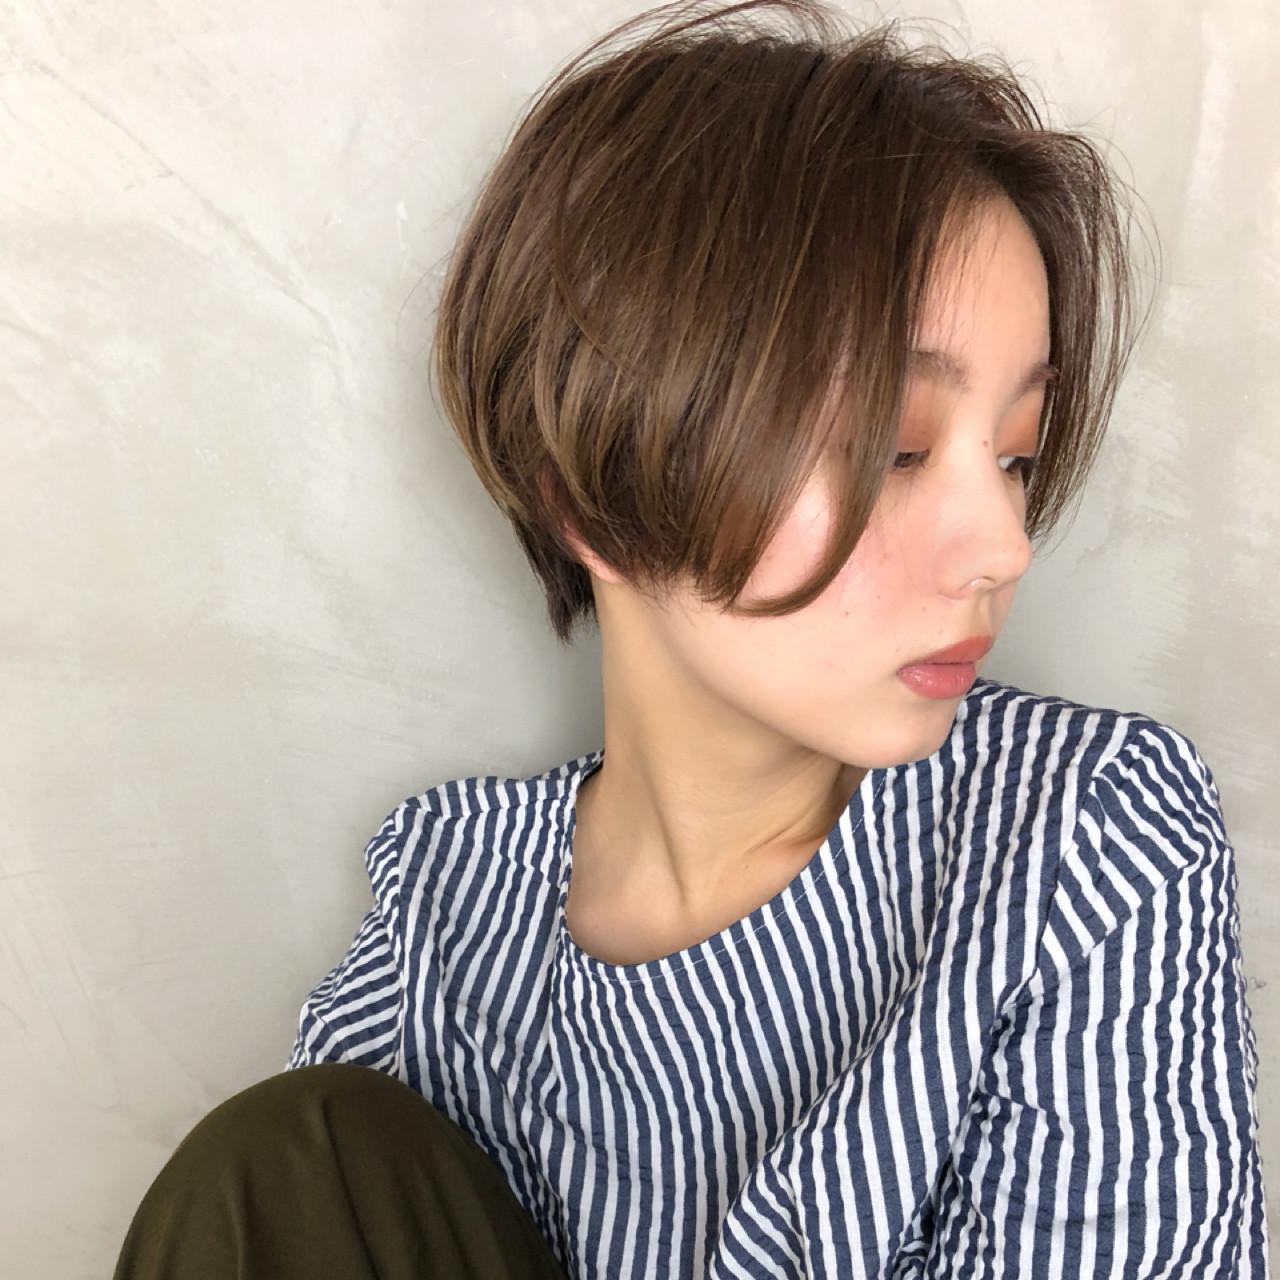 色気 ショート センターパート ナチュラル ヘアスタイルや髪型の写真・画像